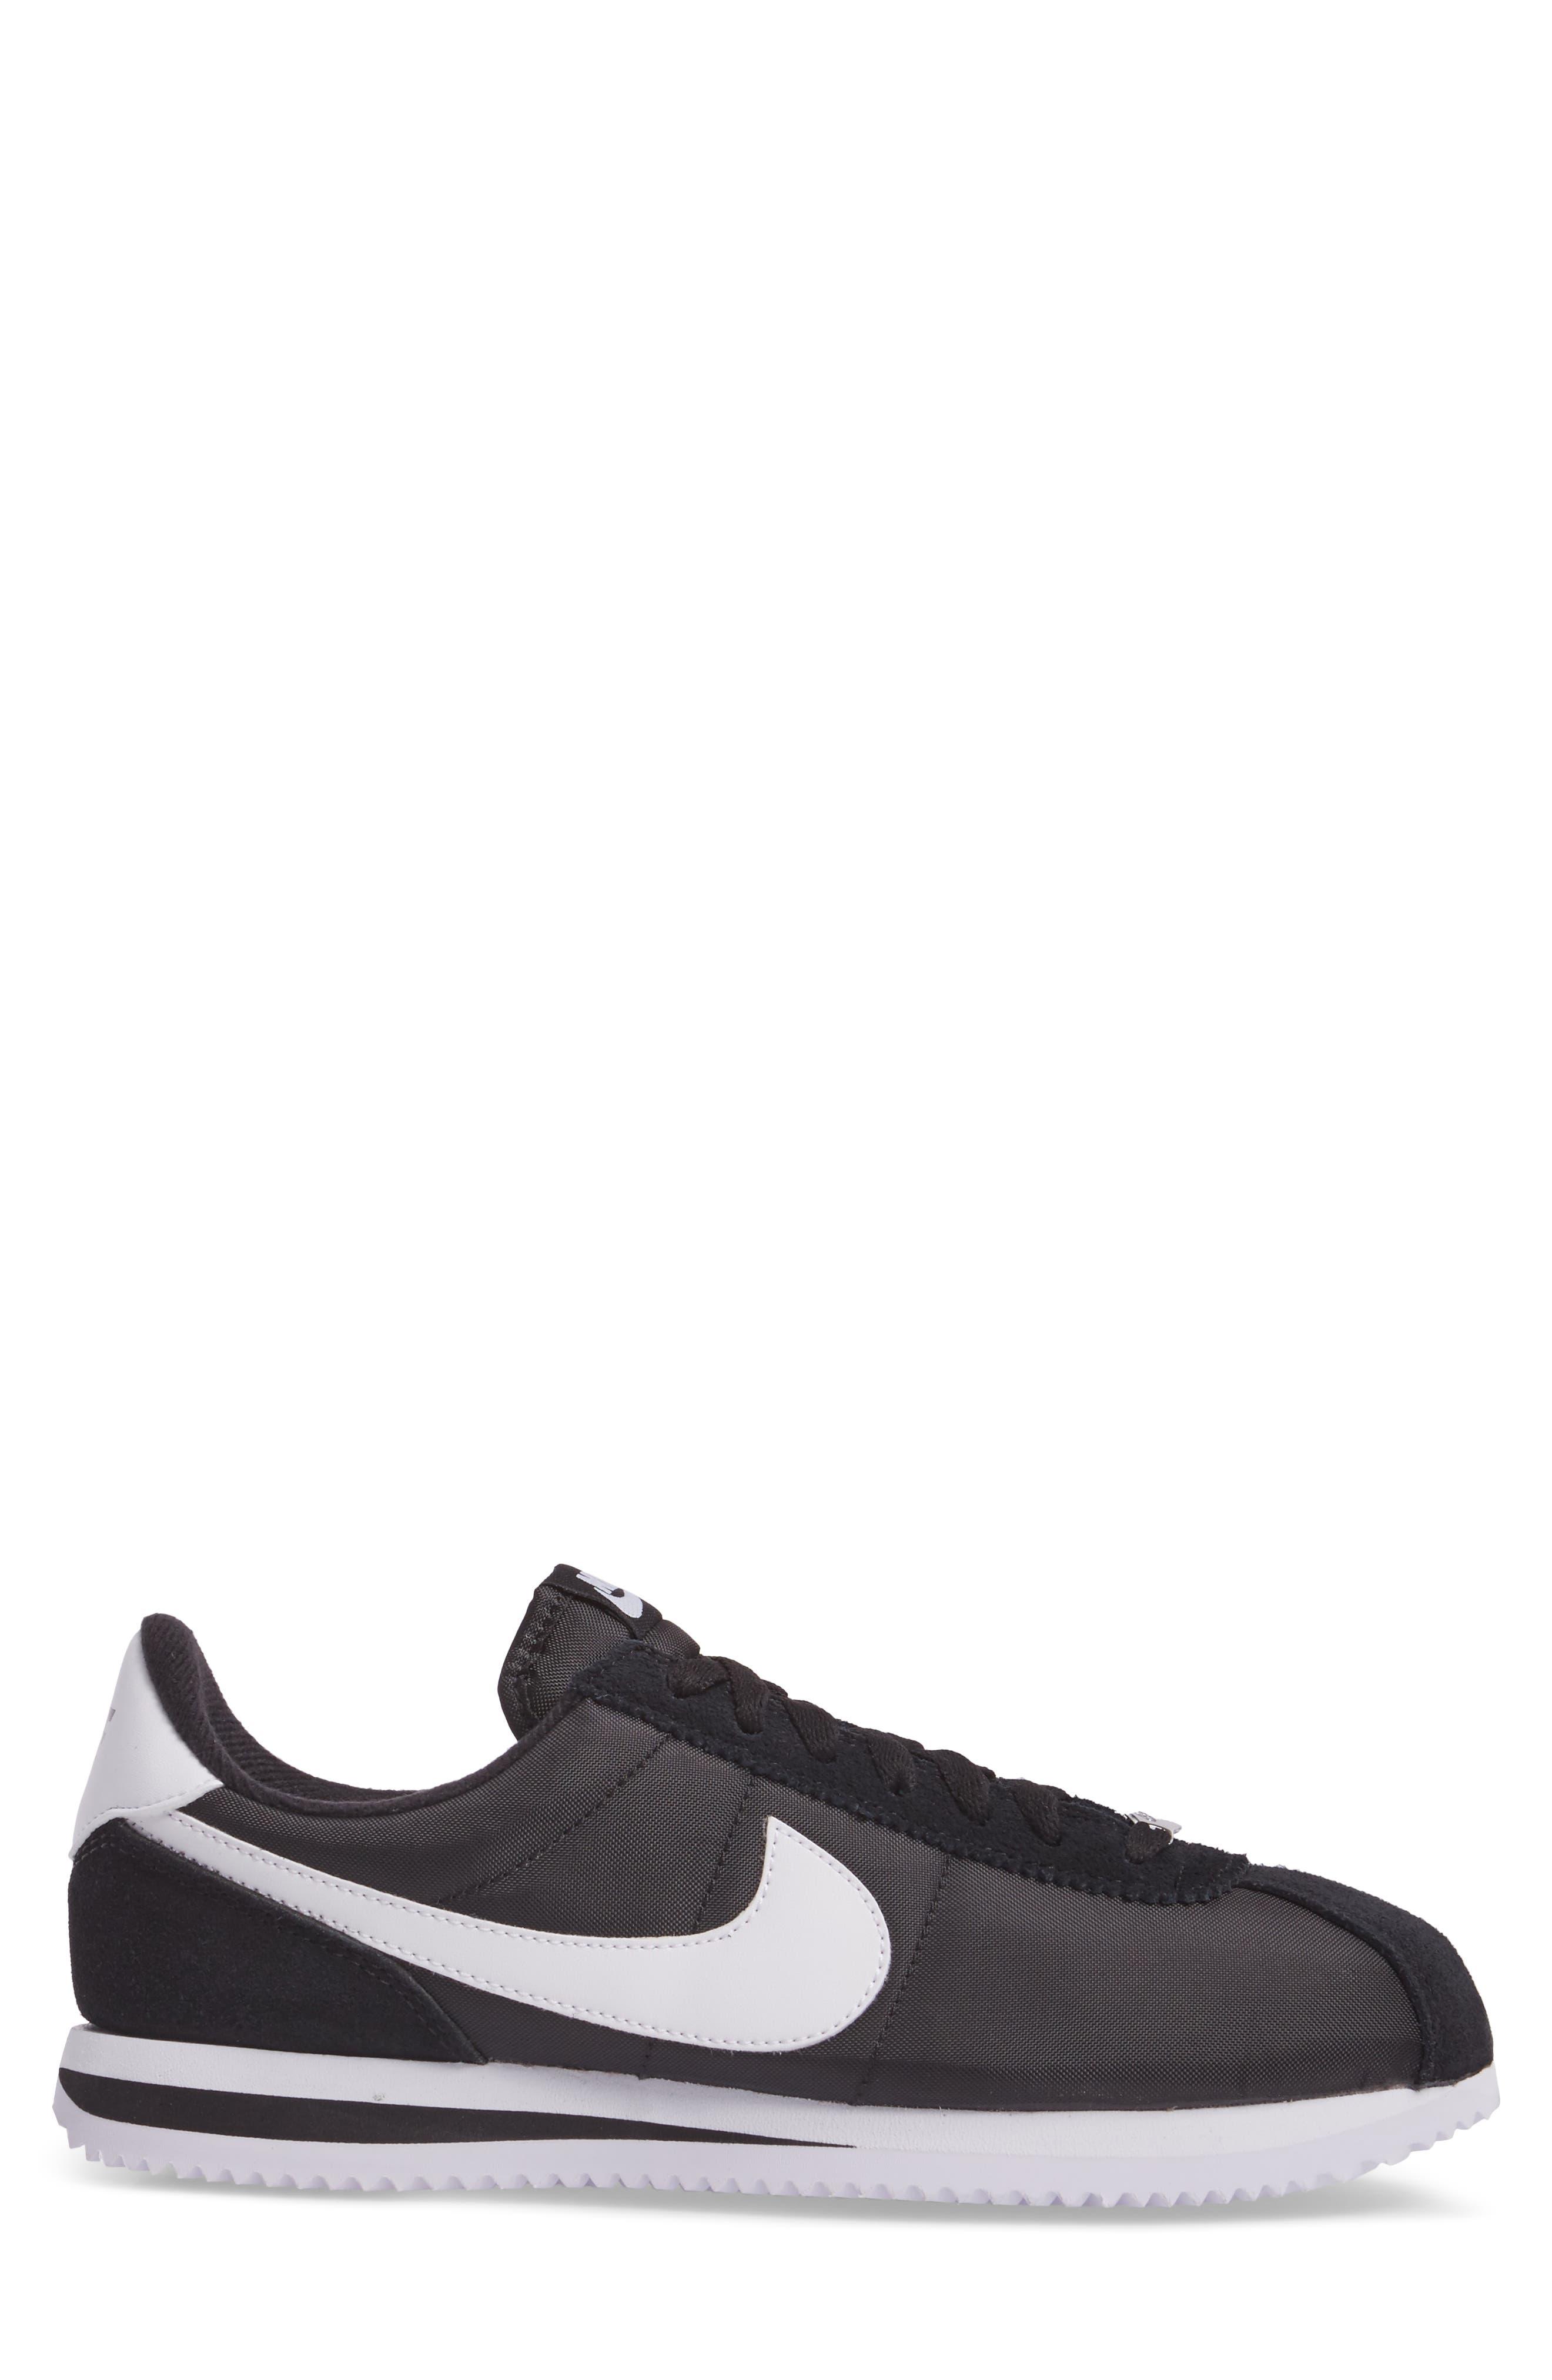 Alternate Image 3  - Nike Cortez Basic Nylon Sneaker (Men)